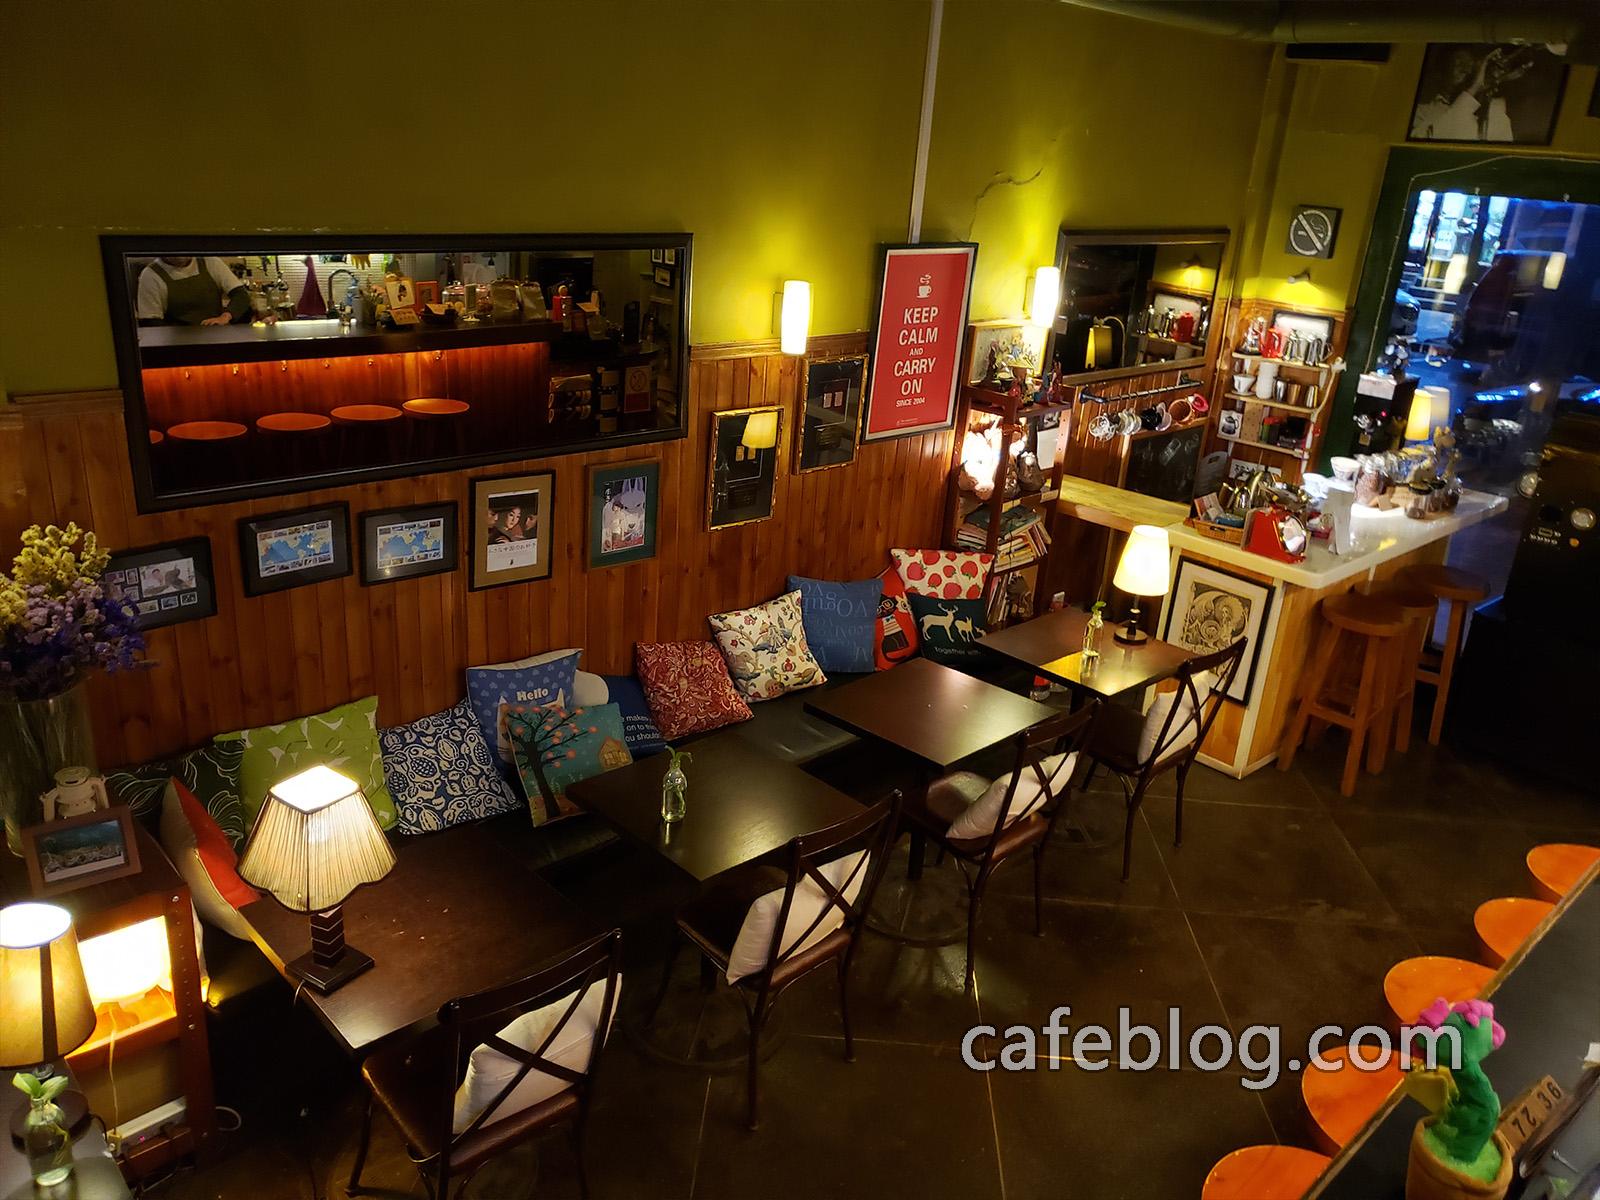 玛雅咖啡馆 Maya Cafe 一楼